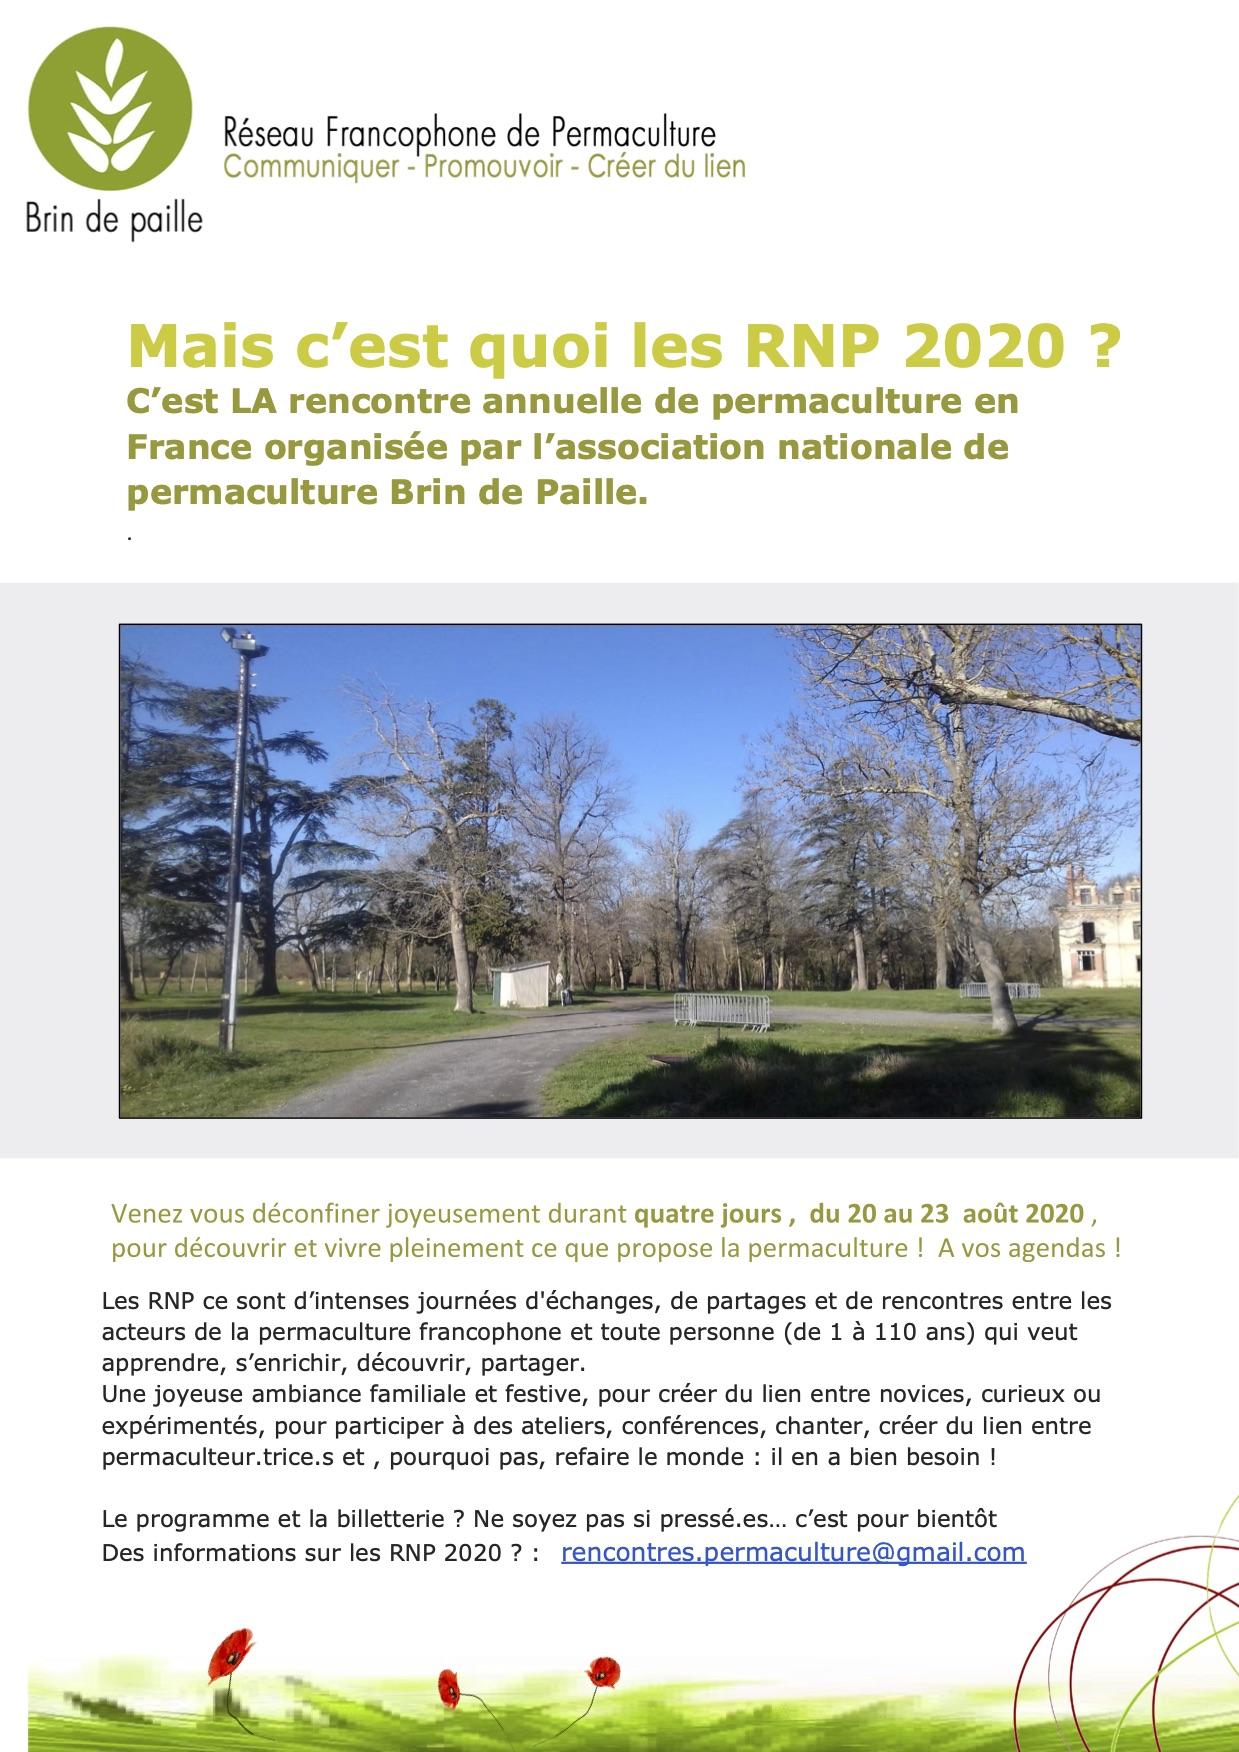 Les Rencontres Nationales de Permaculture 2020 reportées à 2021 !